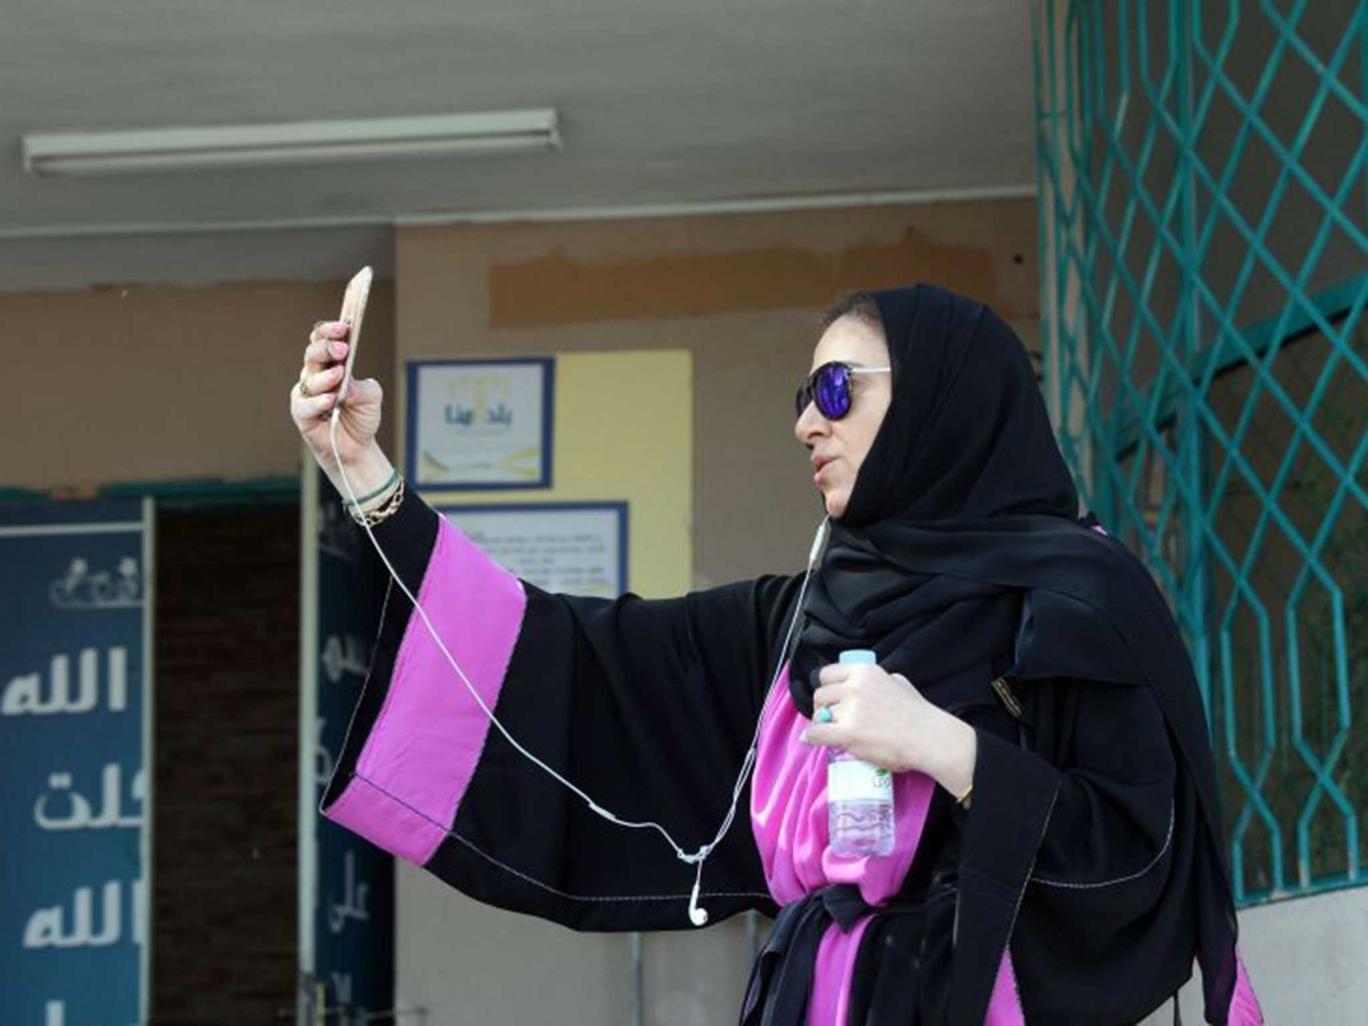 زنان سعودی در سومین انتخابات شورای شهر به پیروزی بزرگی دست یافتند+گزارش تصویری